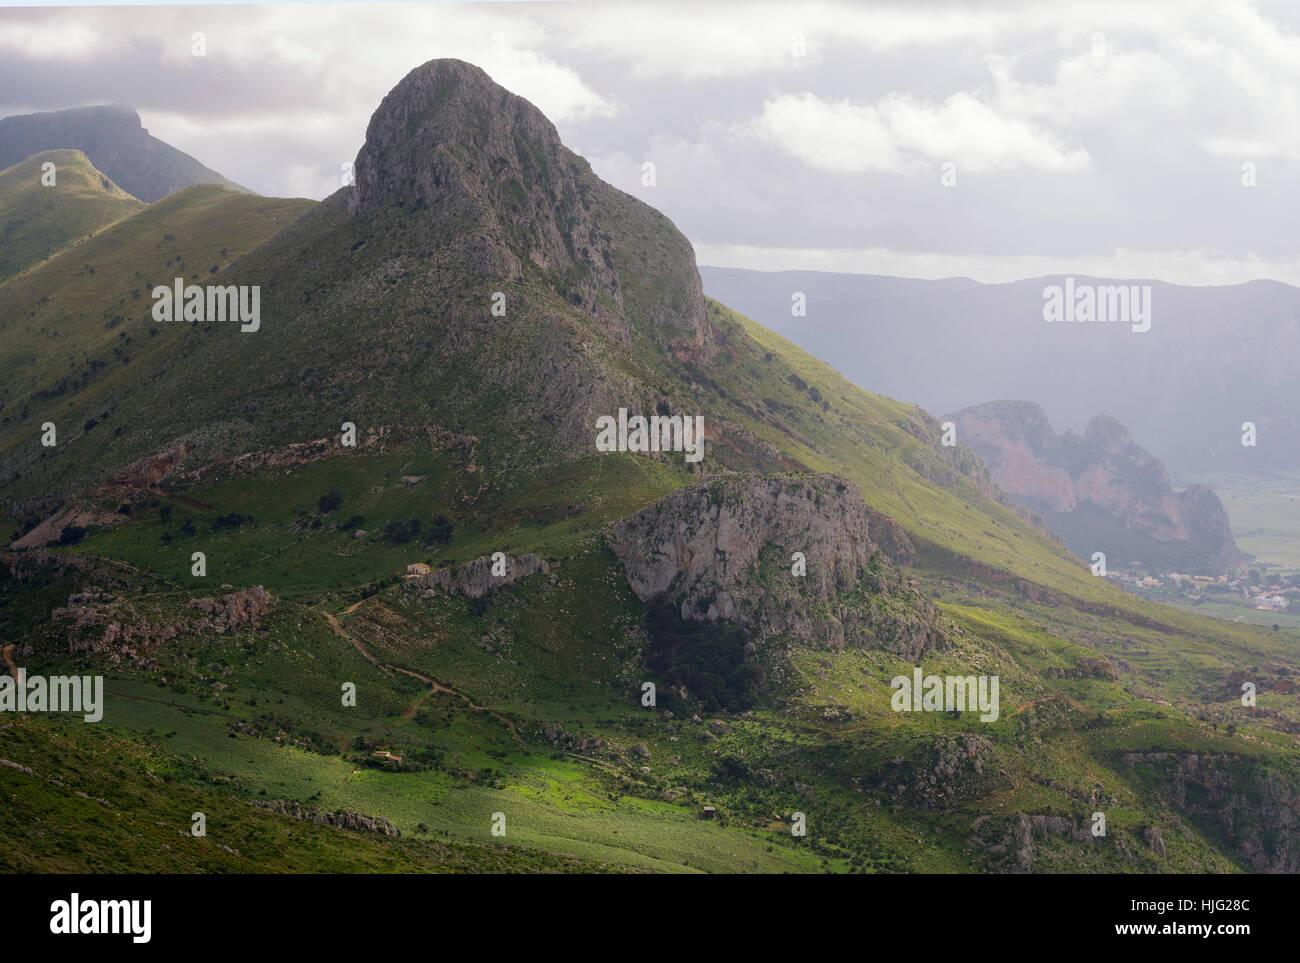 Paisaje de montaña, San Vito Lo capo, Sicilia, Italia Imagen De Stock